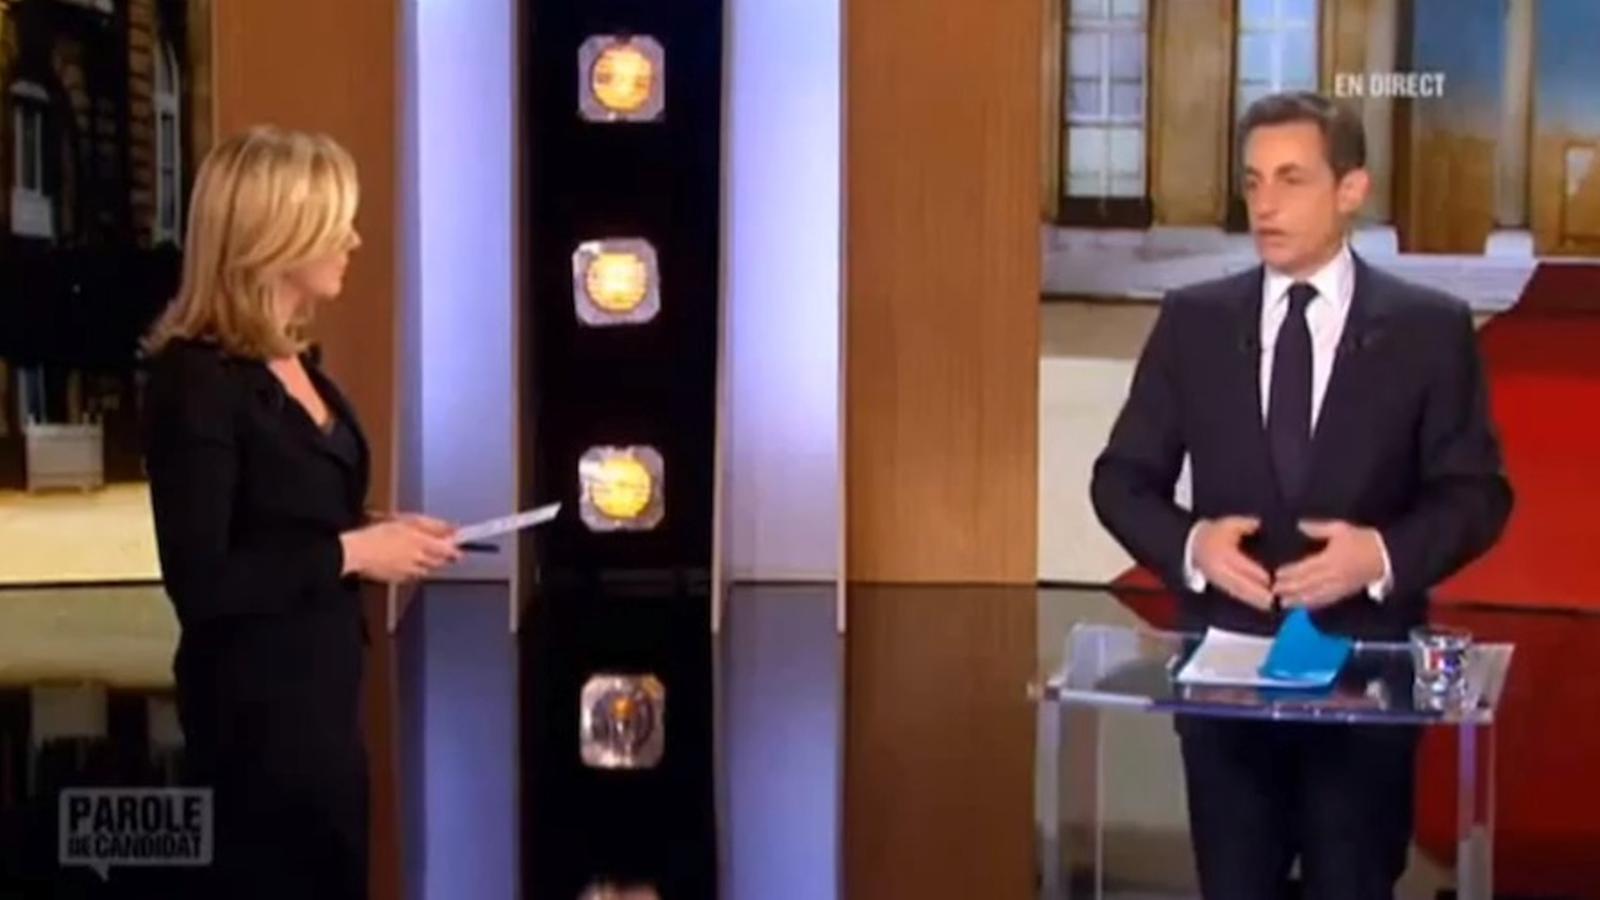 Sarkozy ataca una periodista per preguntar-li si Gaddafi li va finançar la campanya